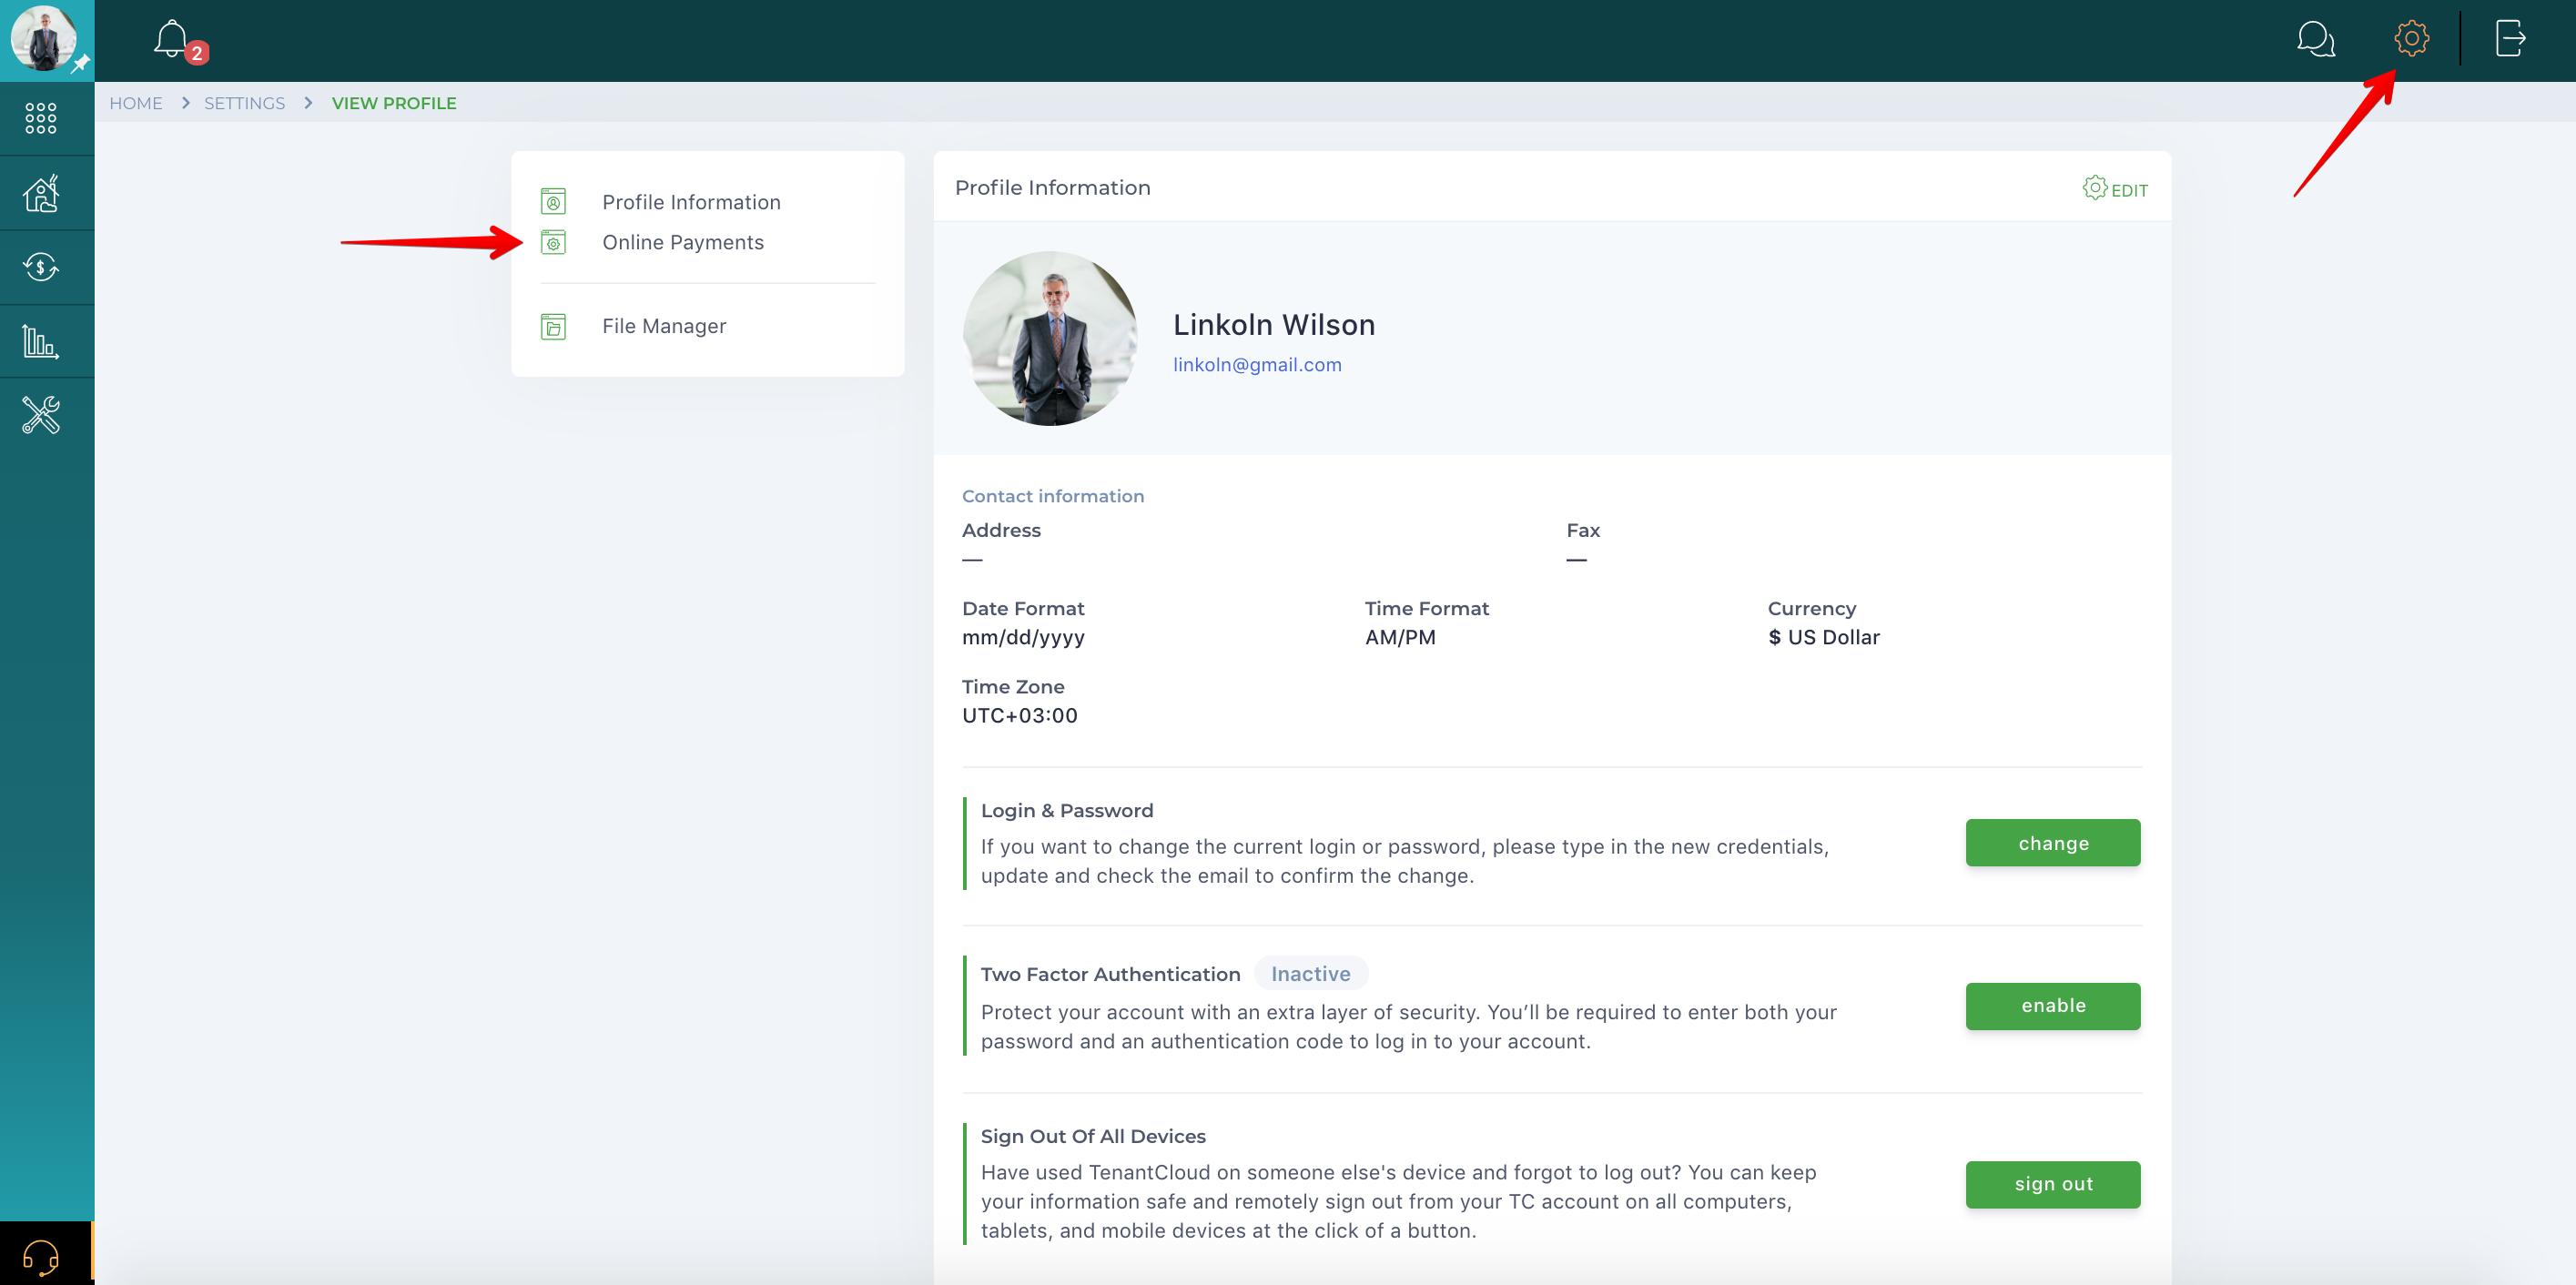 How do I set up a business account?